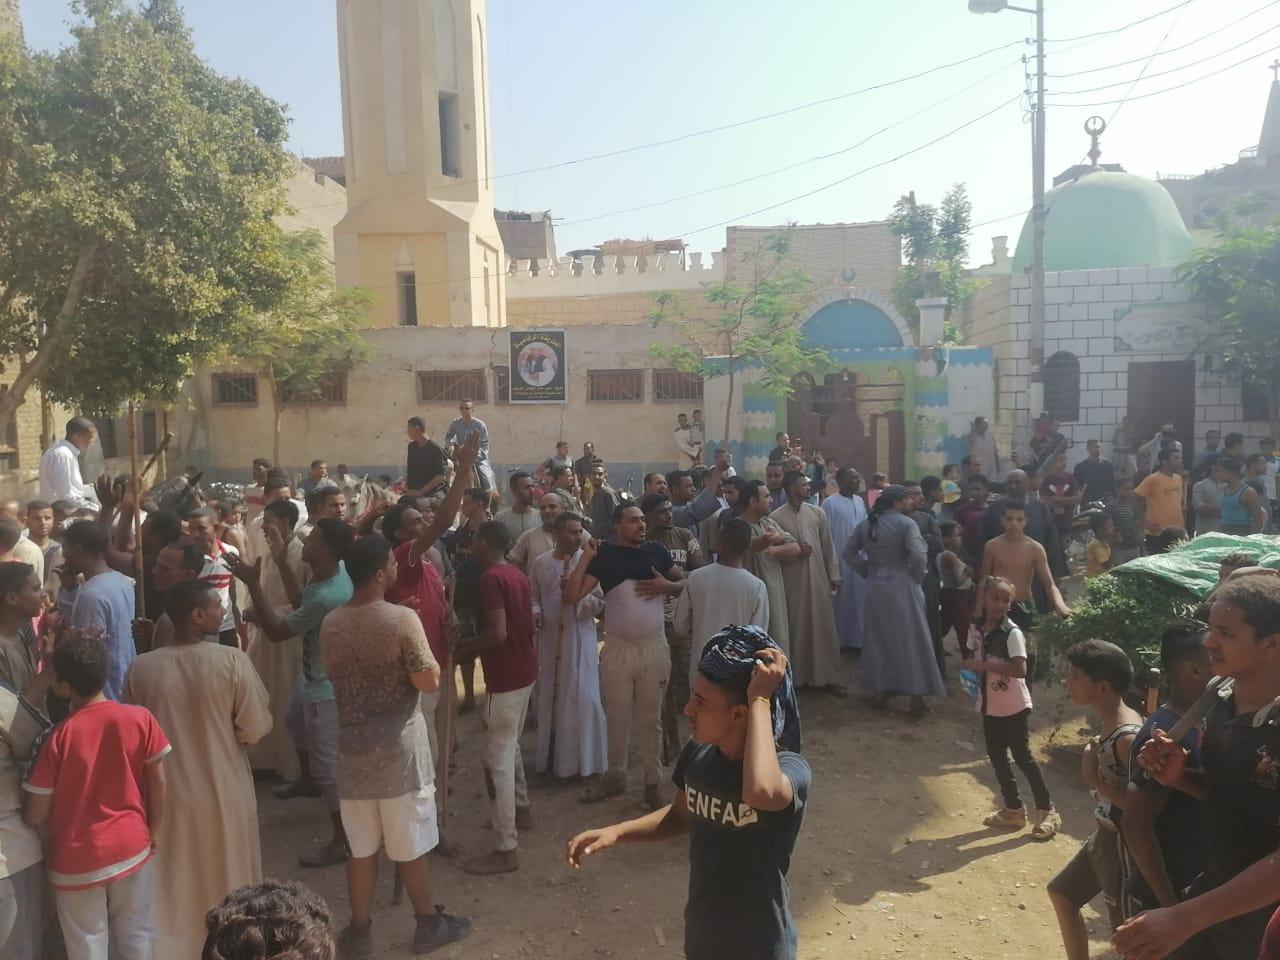 المئات من المسلمين والأقباط يحتفلون بالمولد النبوى (11)